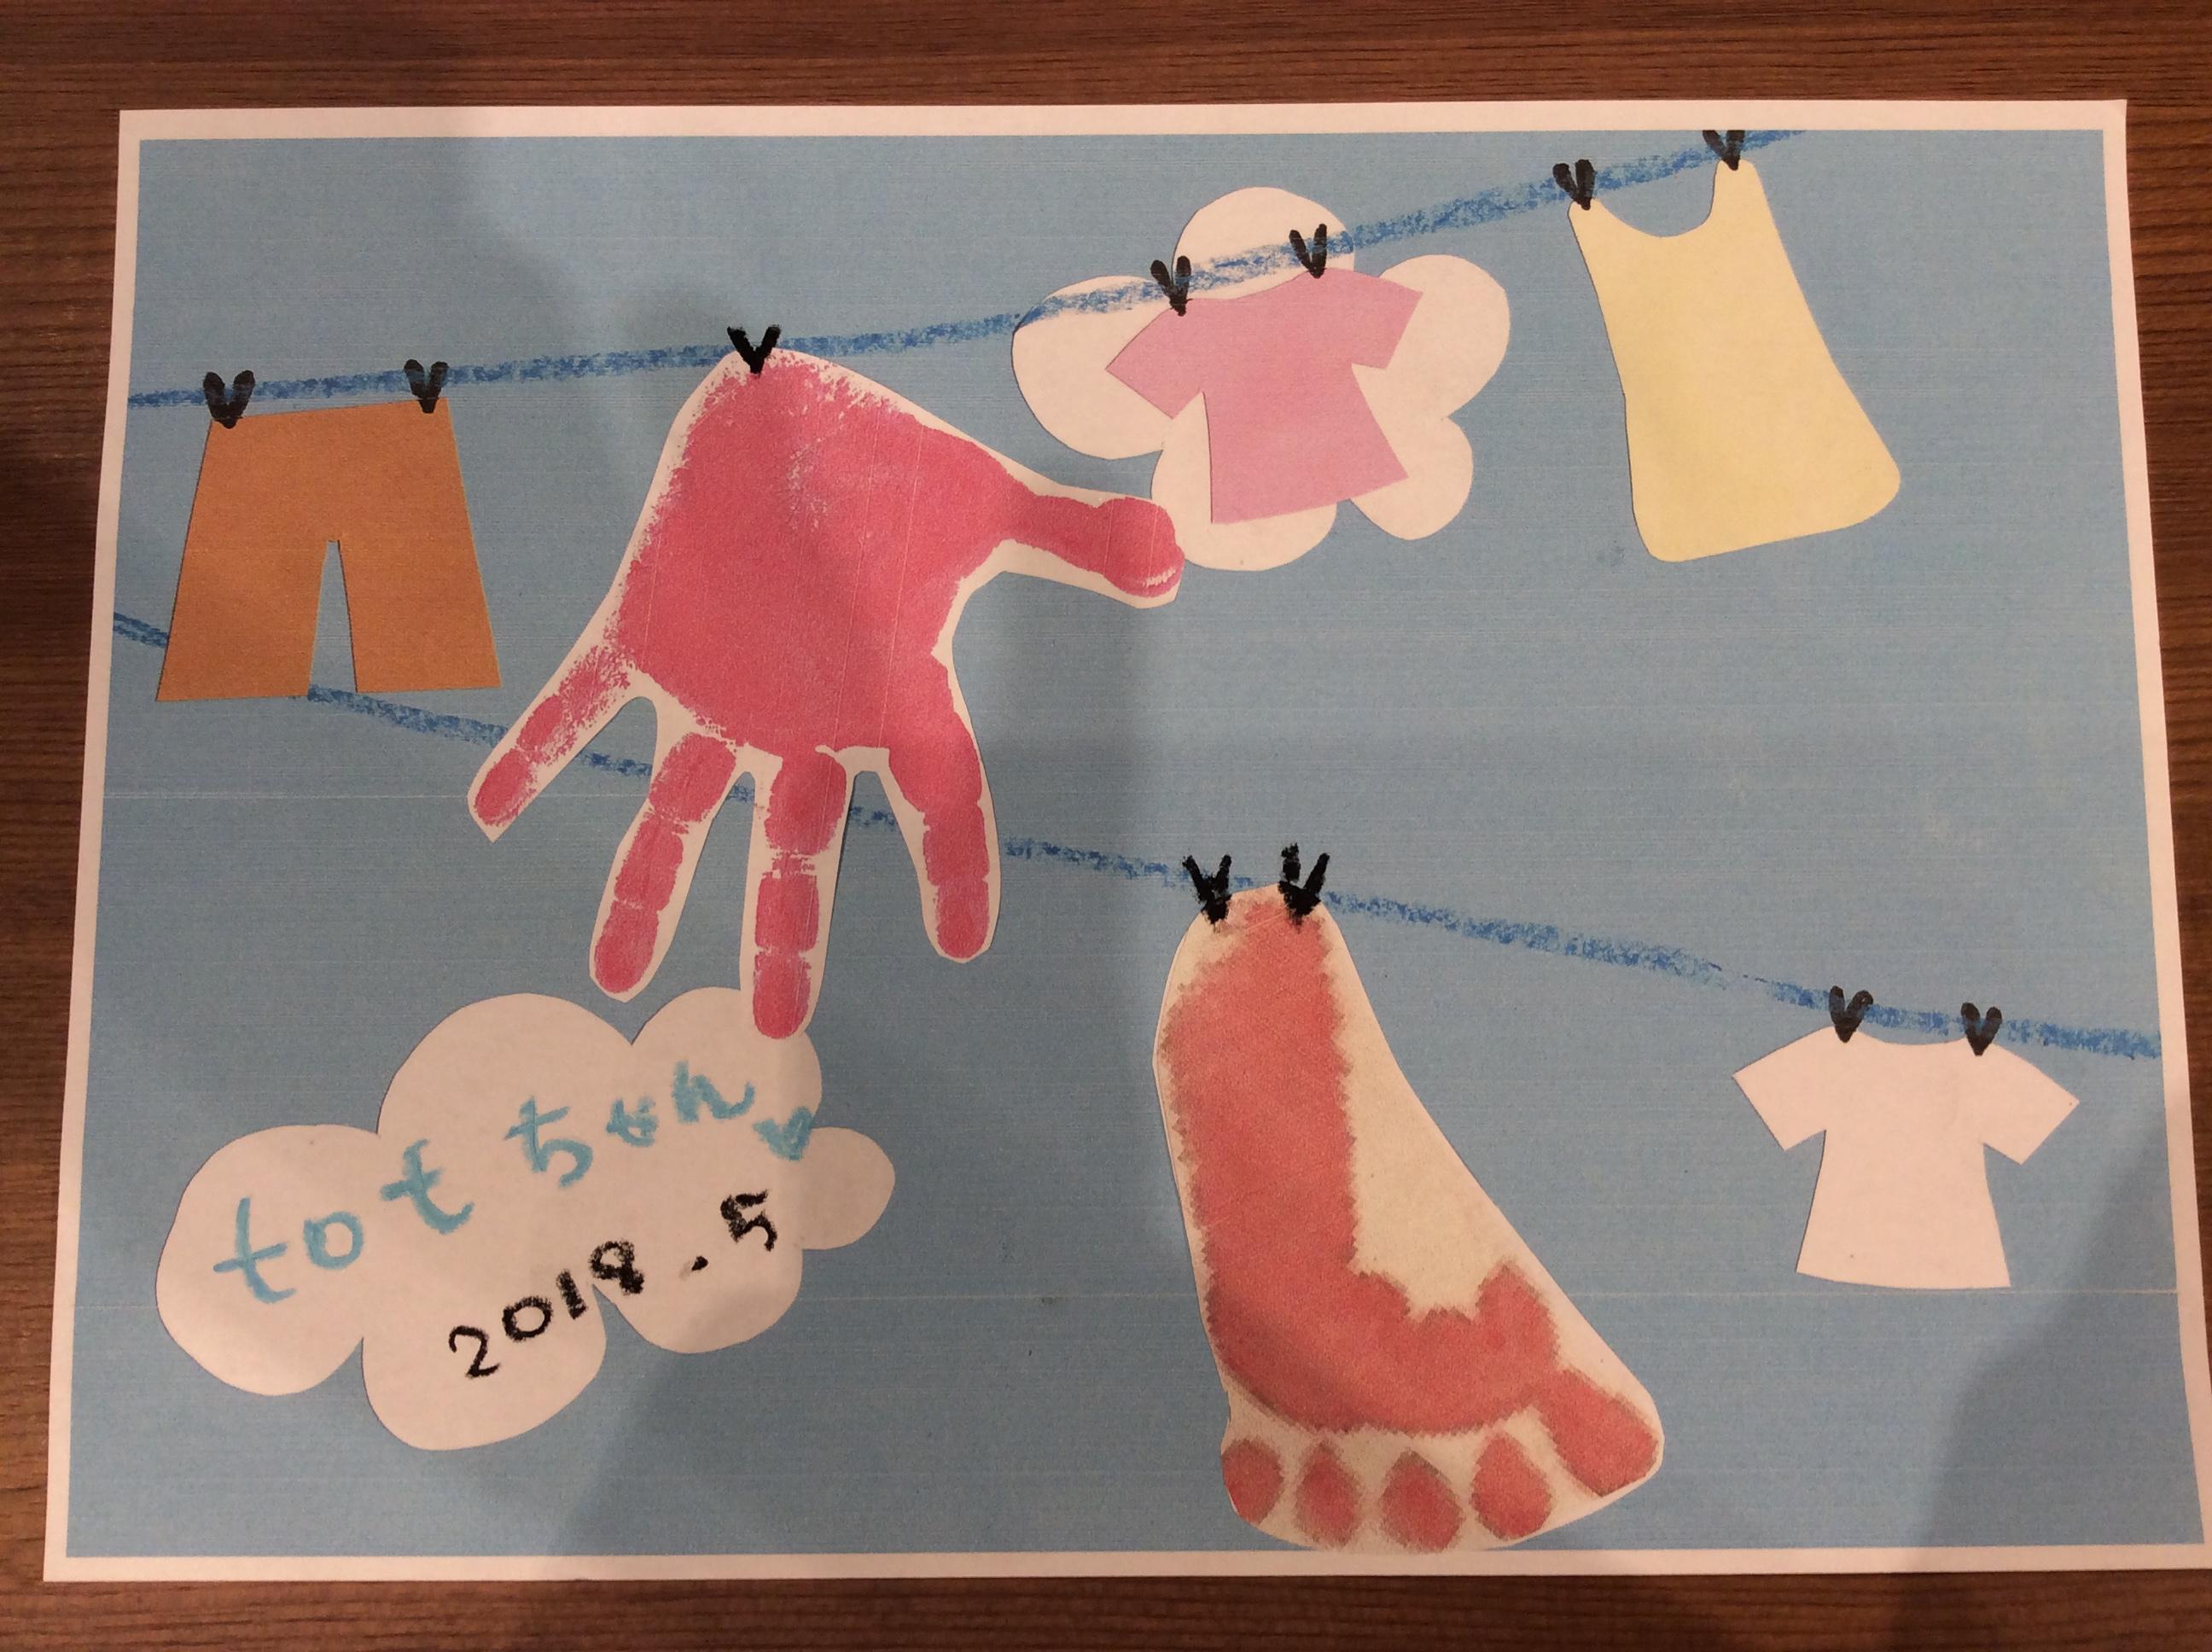 【あそびば】イベント「手形・足形アート~おてても干しちゃおう~」を開催しました